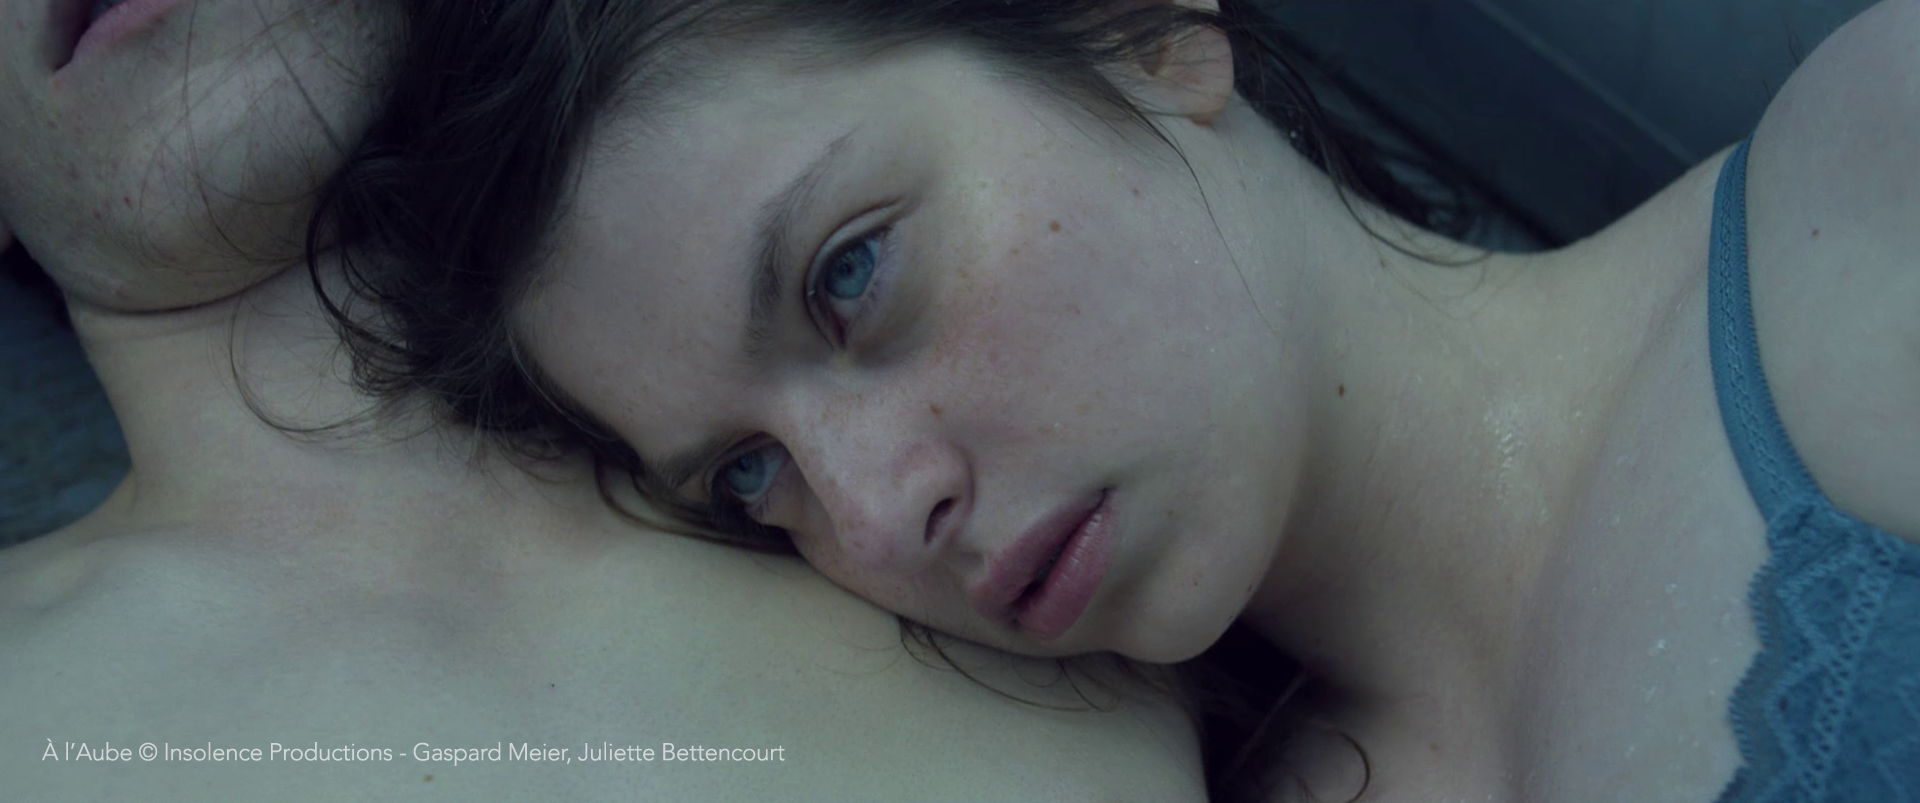 At Dawn,  Julien Trauman (2018)